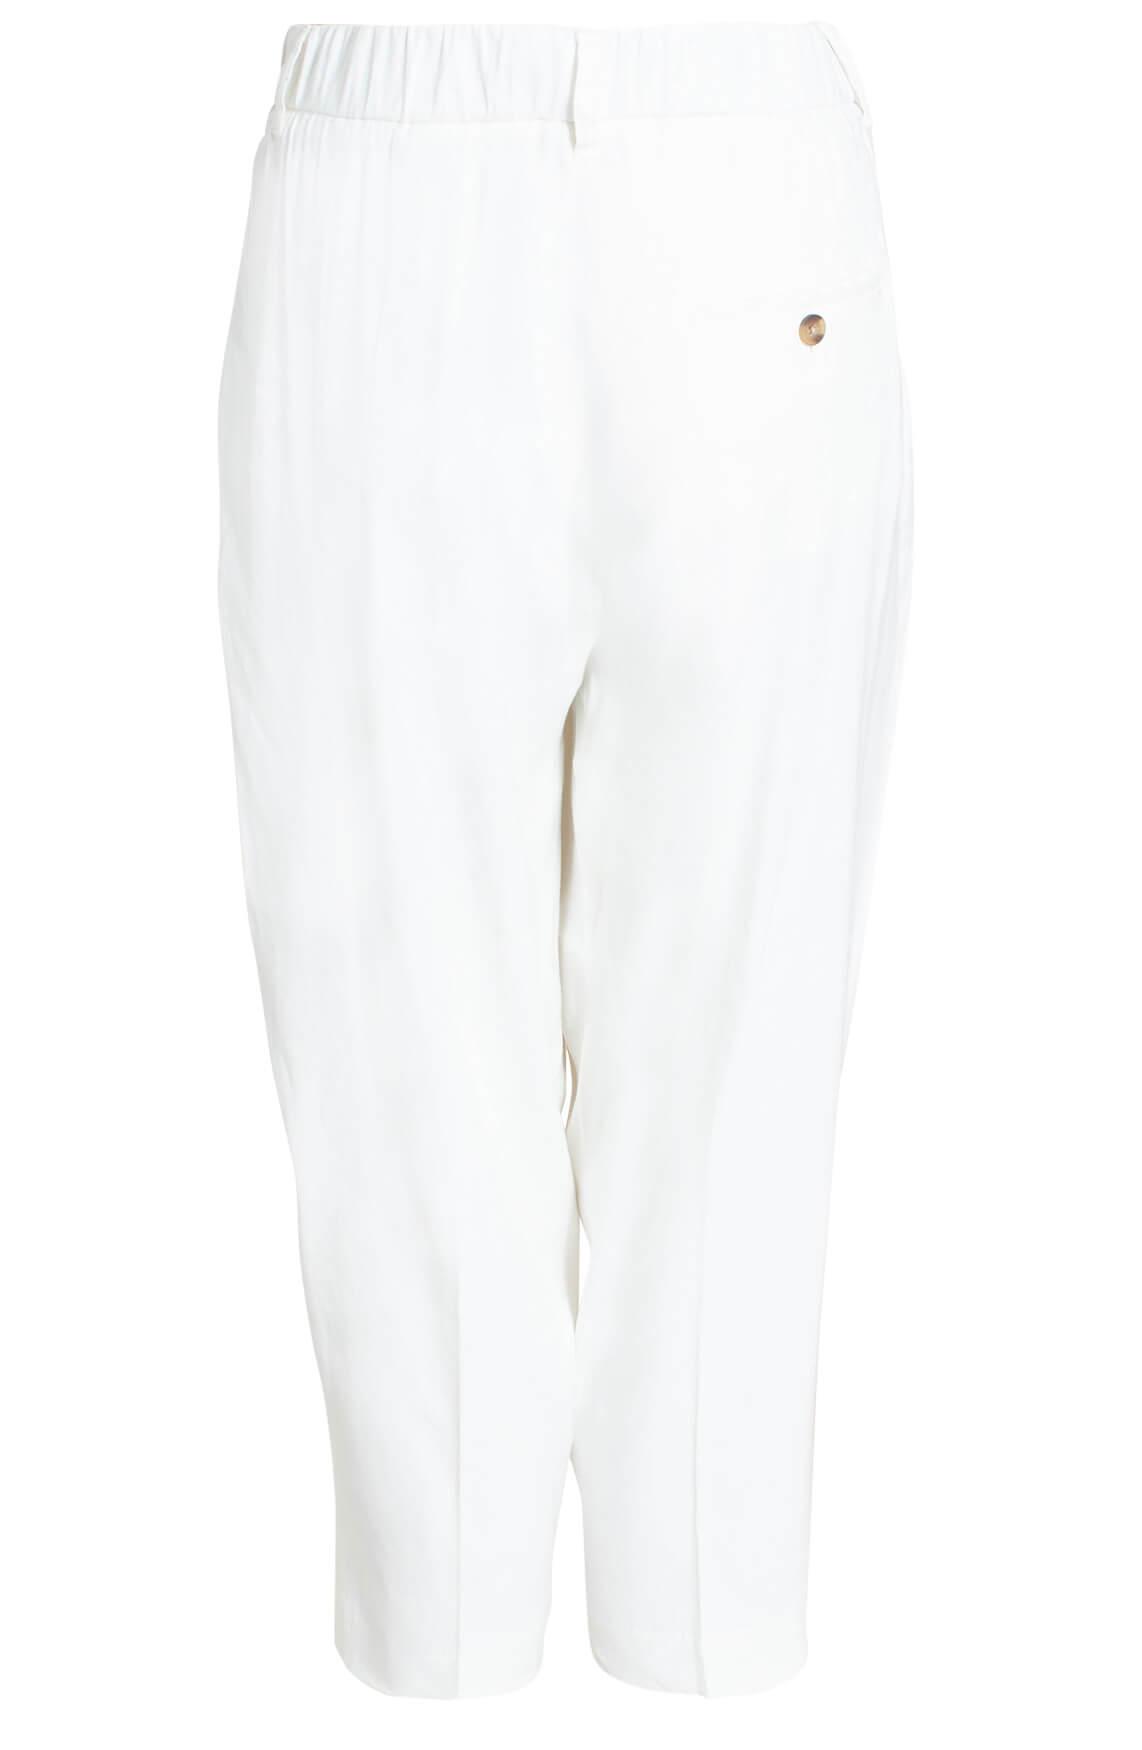 Copenhagen Muse Dames Pantalon wit